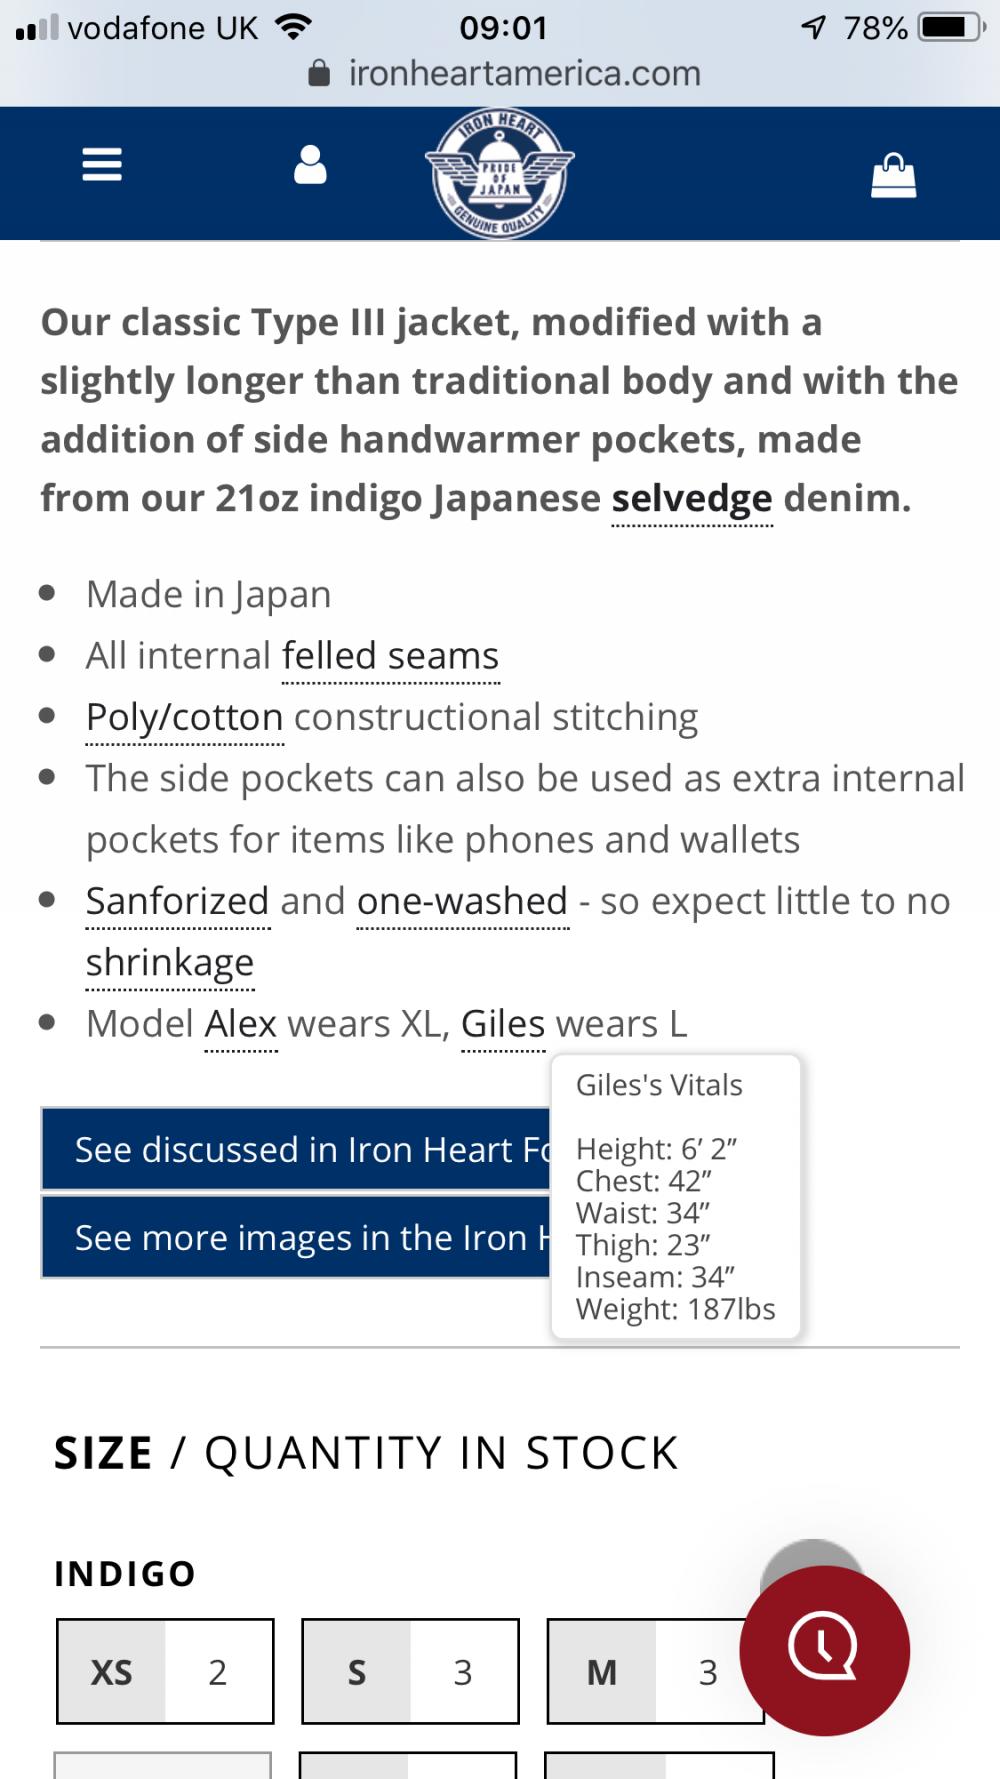 The Iron Heart Website Glossary